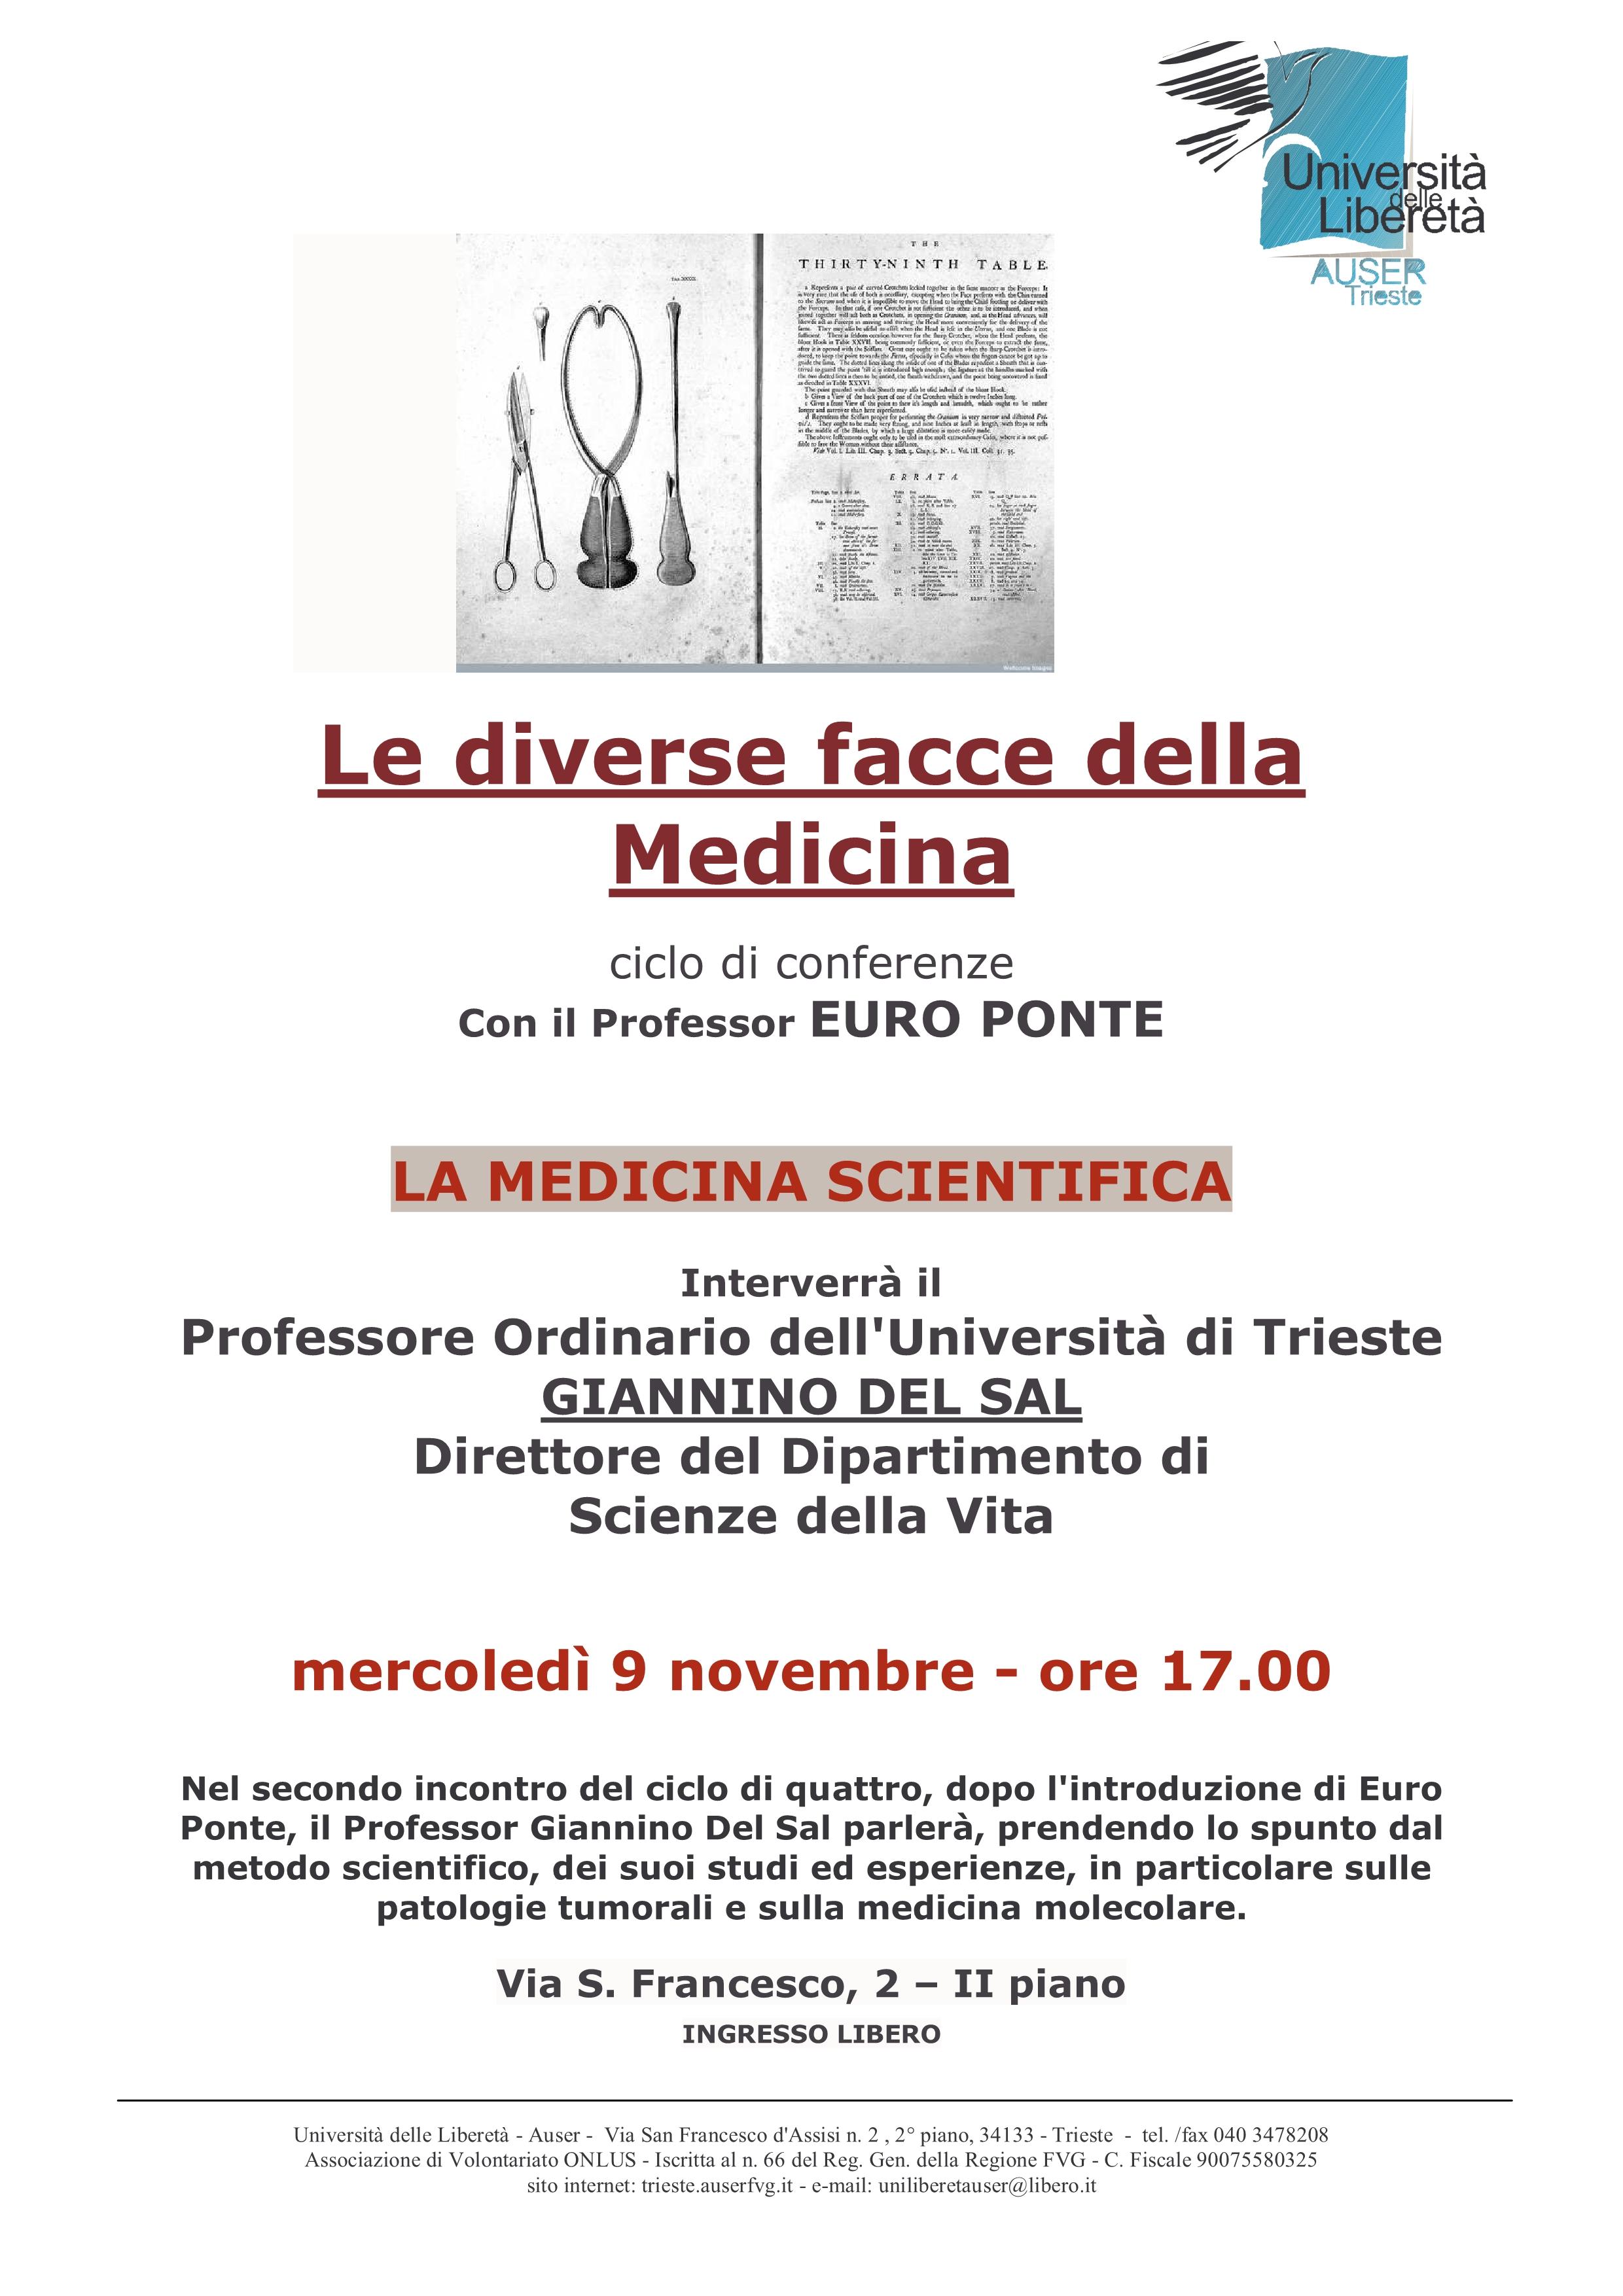 locandina-medicina-scientifica